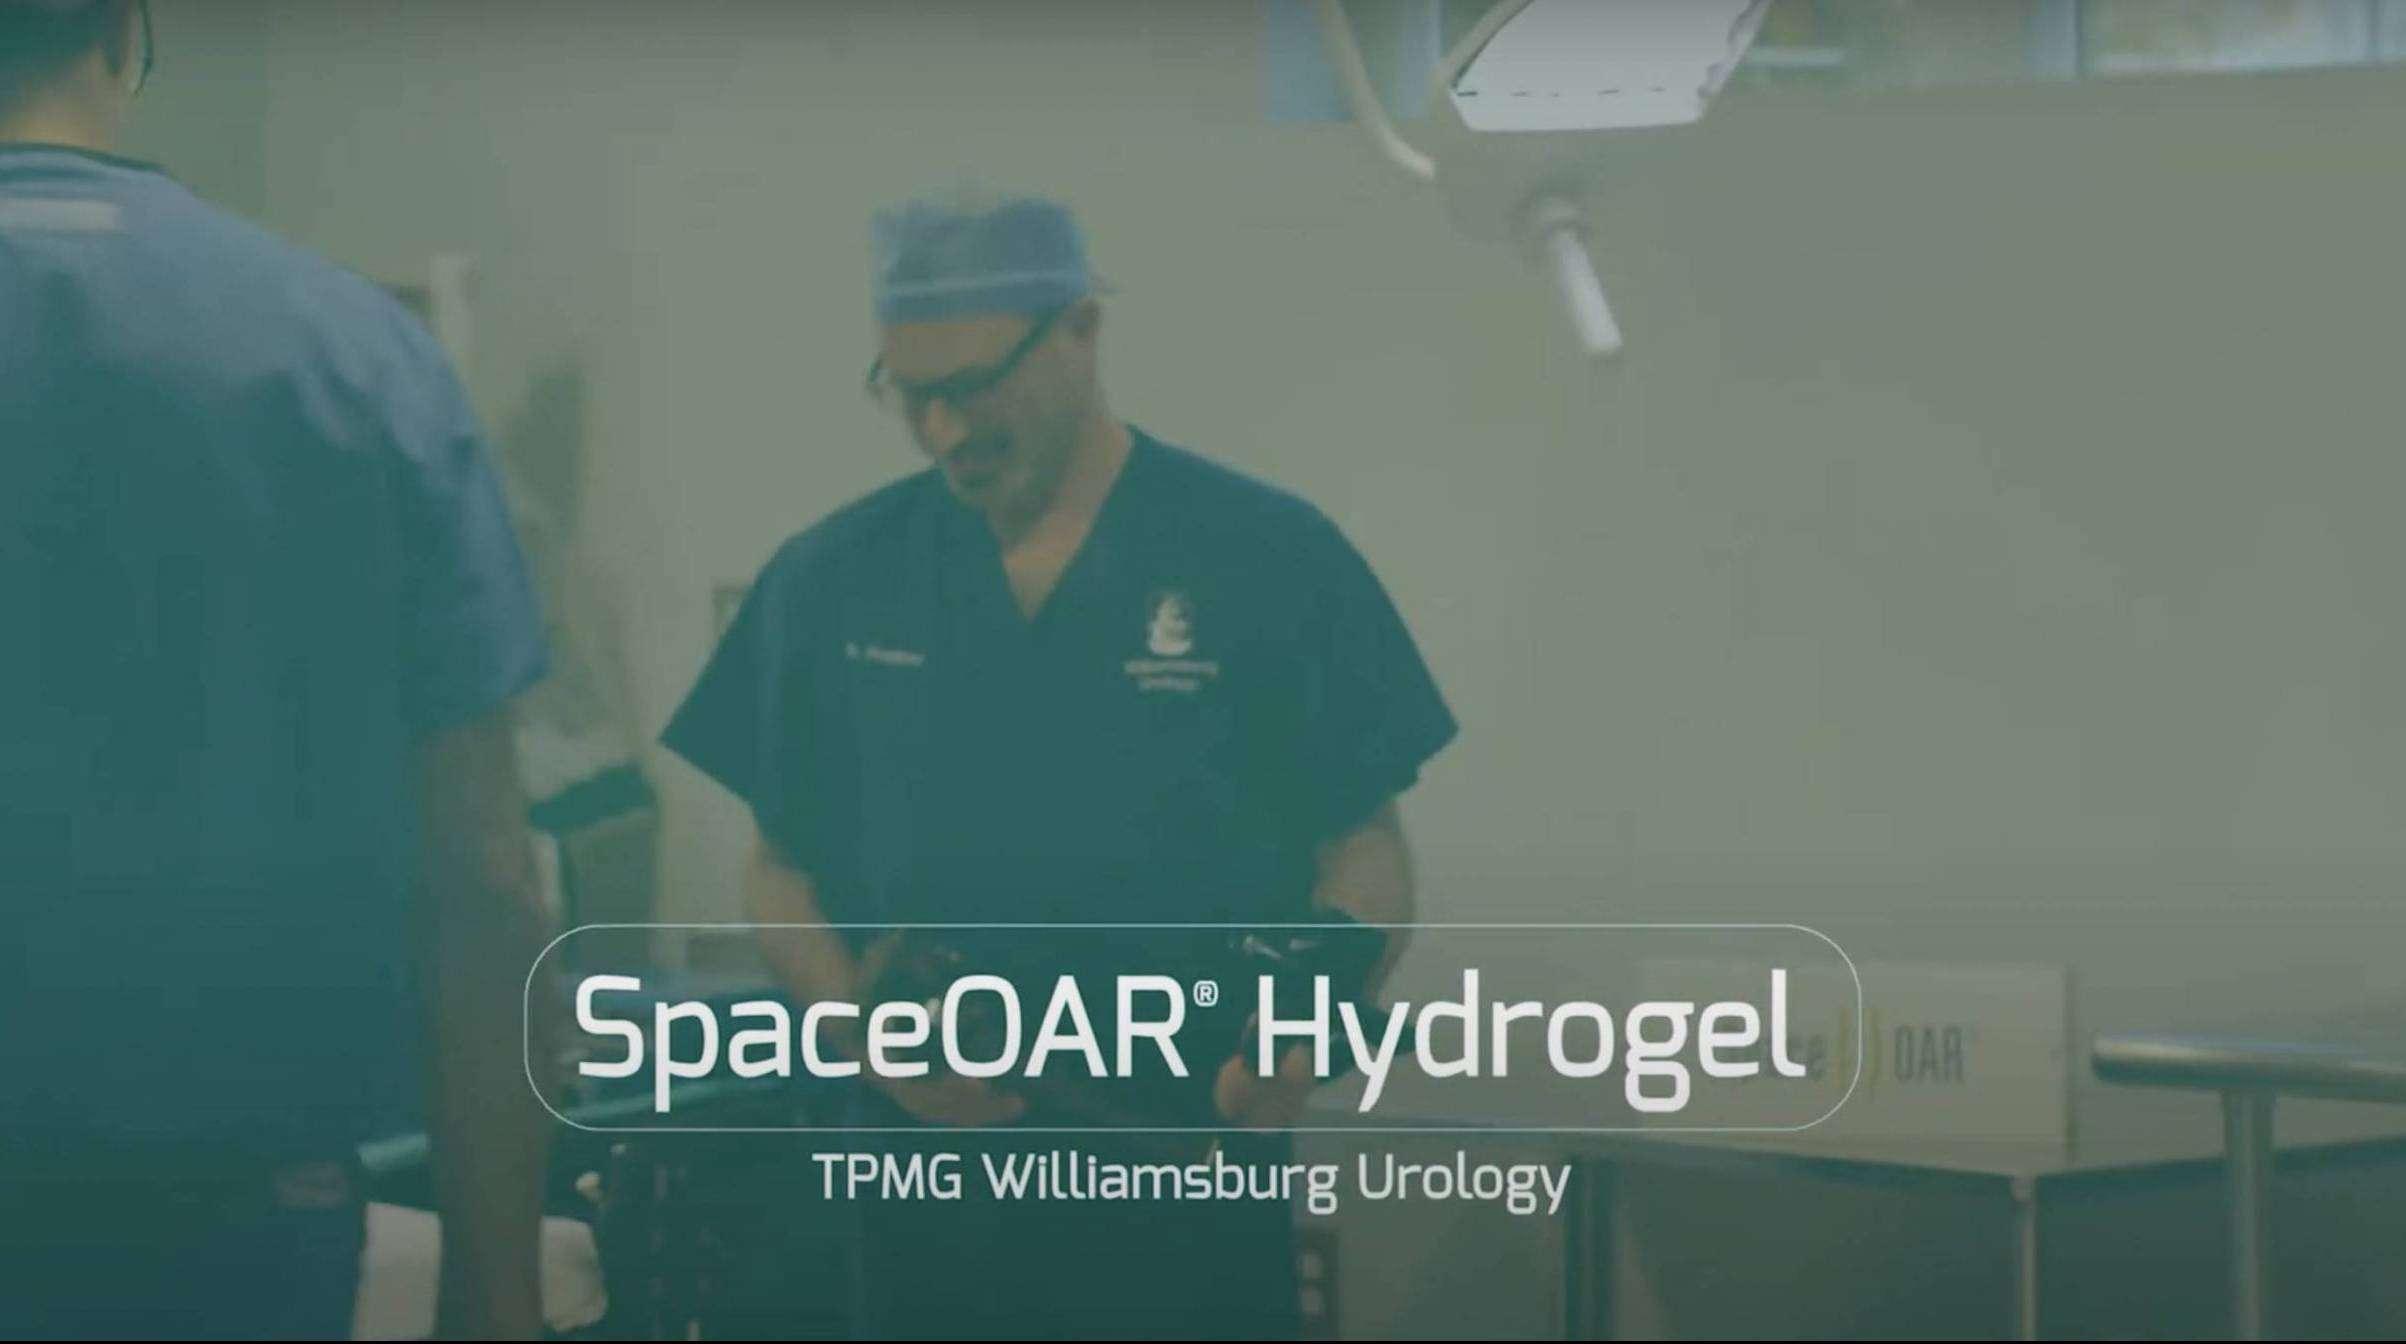 TPMG – SpaceOAR